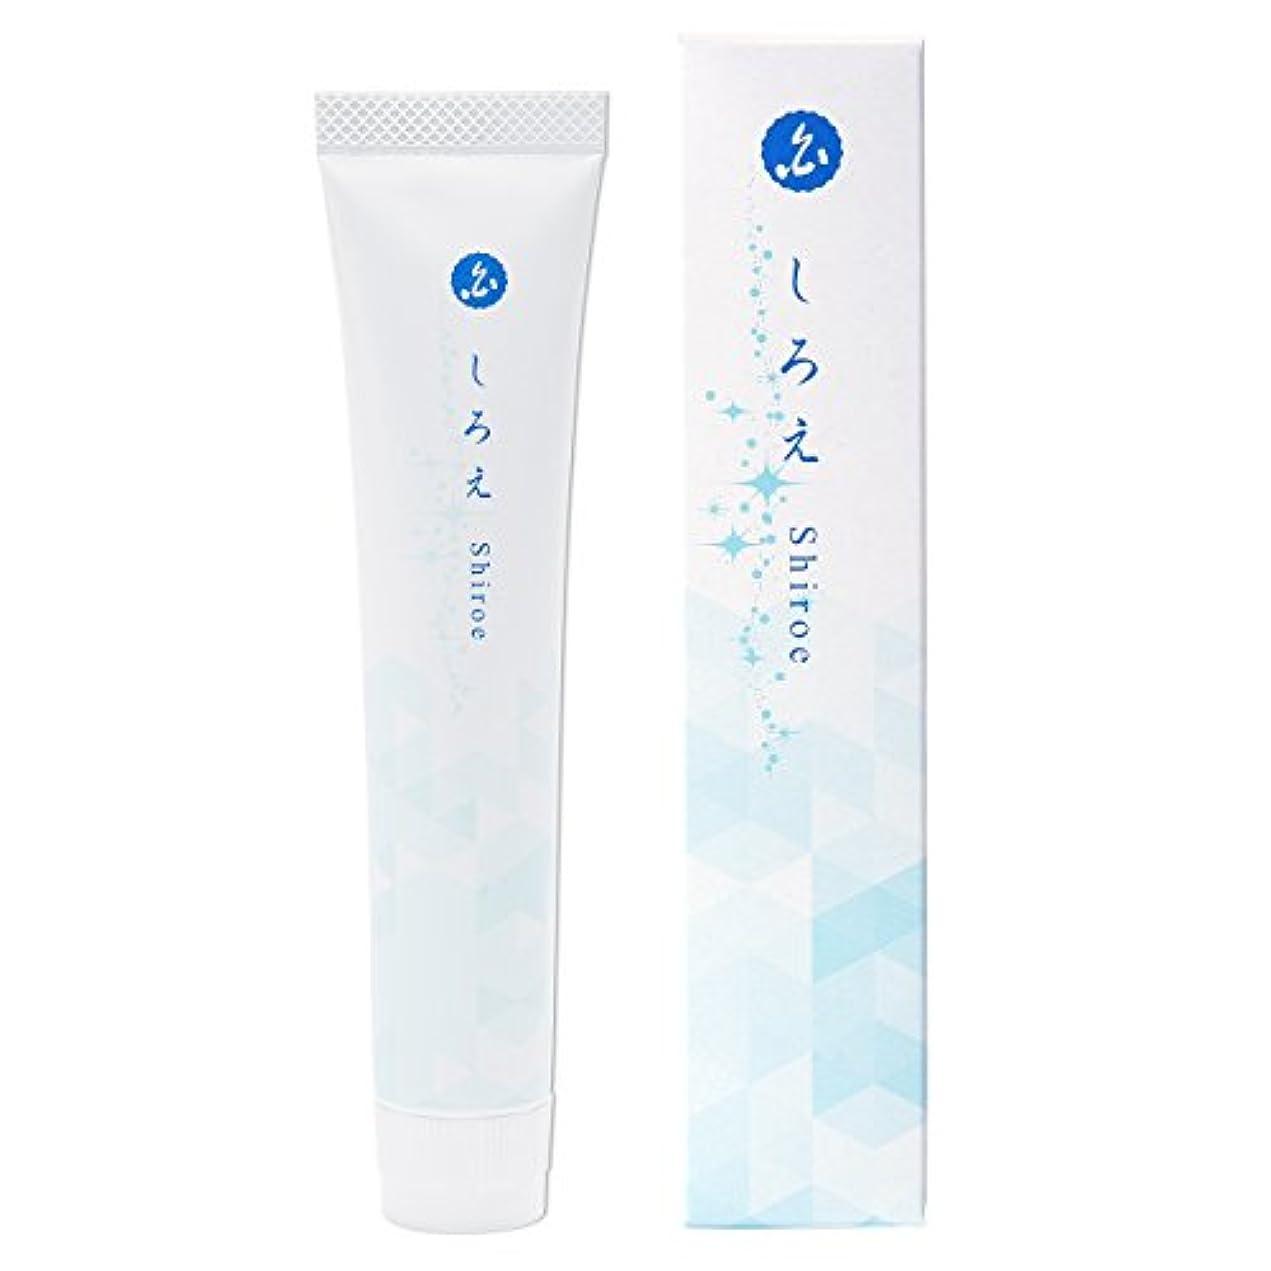 干ばつ遷移休眠しろえ 歯磨きジェル 薬用 ホワイトニング歯磨き粉 医薬部外品 はみがき粉 50g 日本製